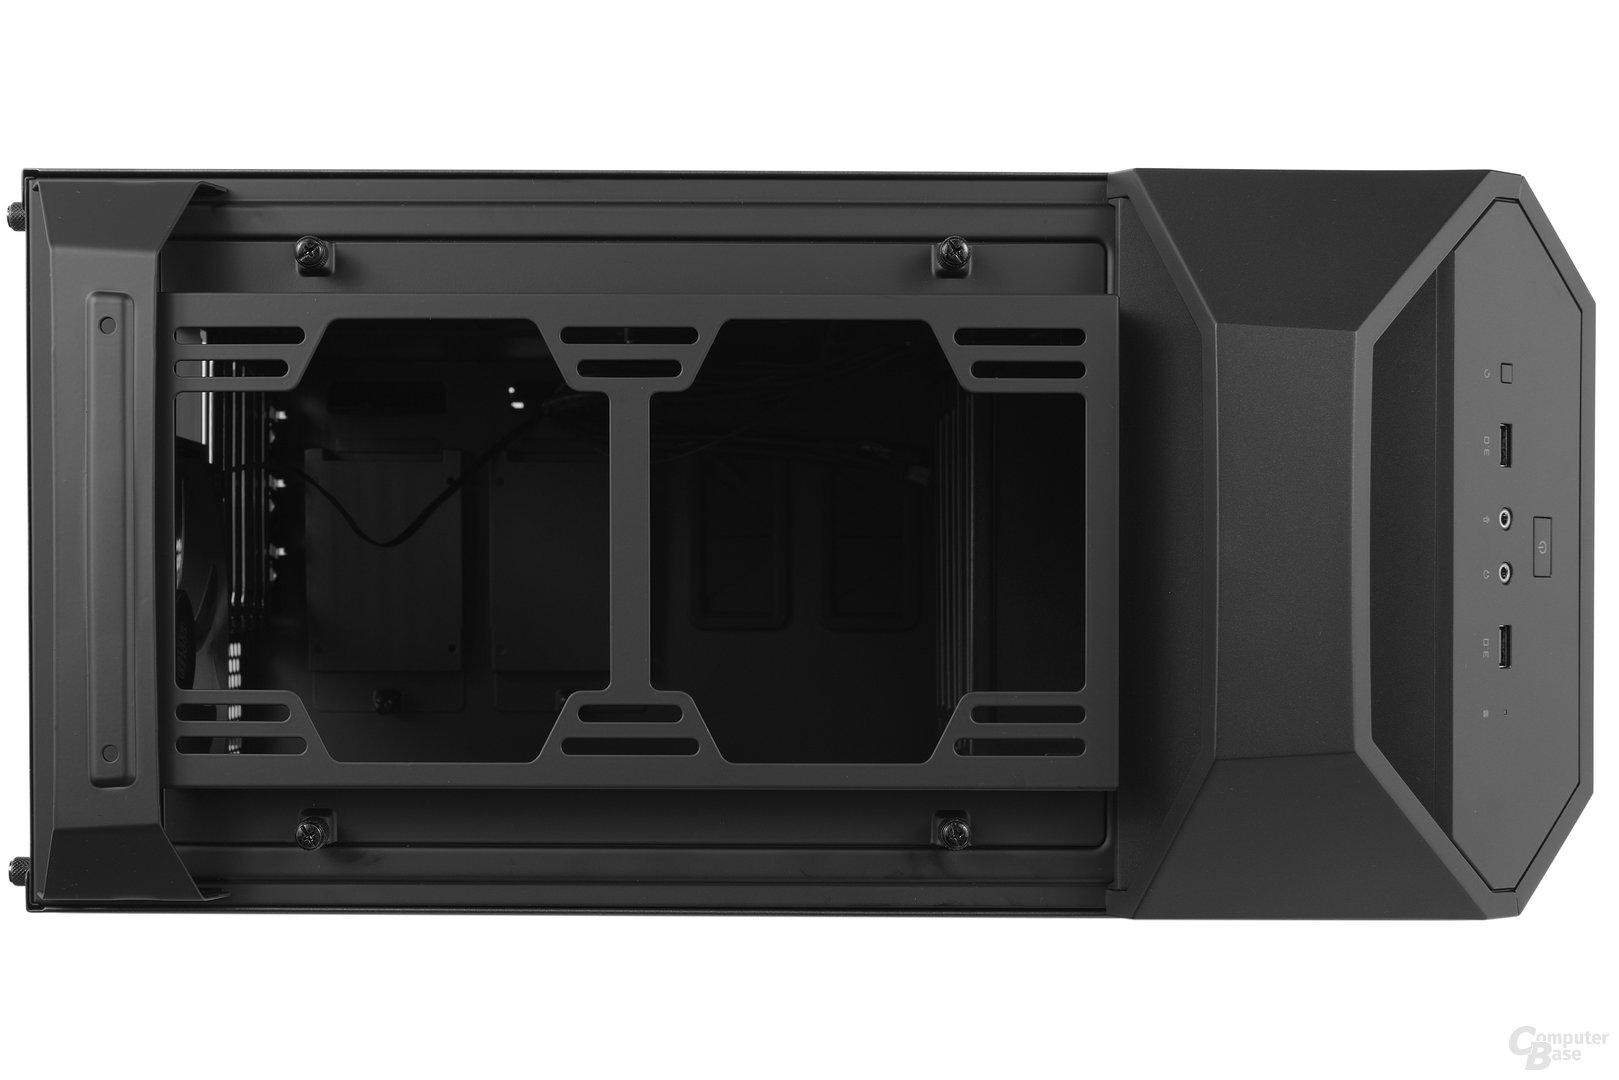 Cooler Master MasterCase 5 Pro – Bracket für 240-mm-Radiator